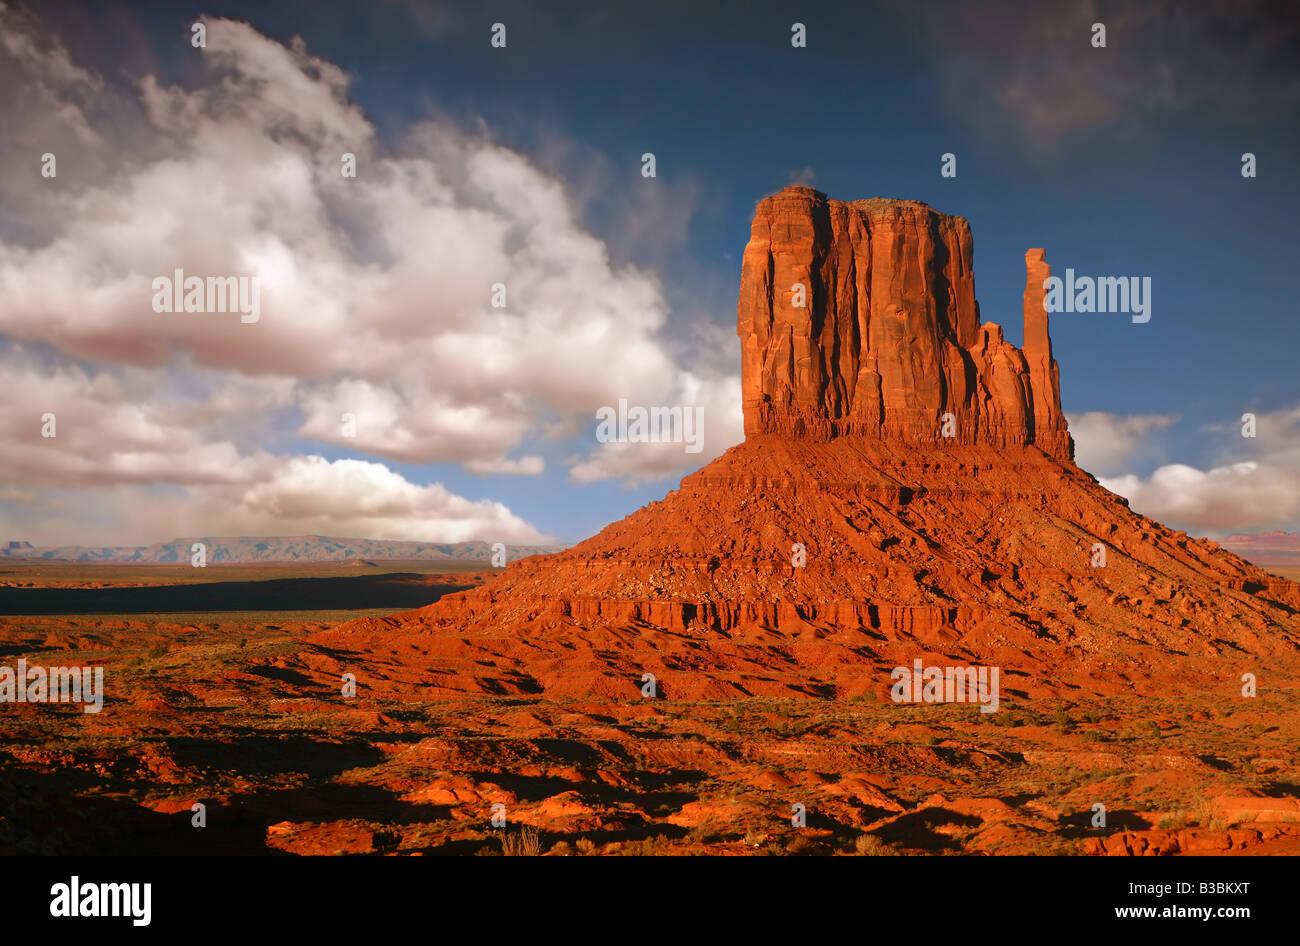 Striking Landscape in Monument Valley Navajo Nation Arizona - Stock Image